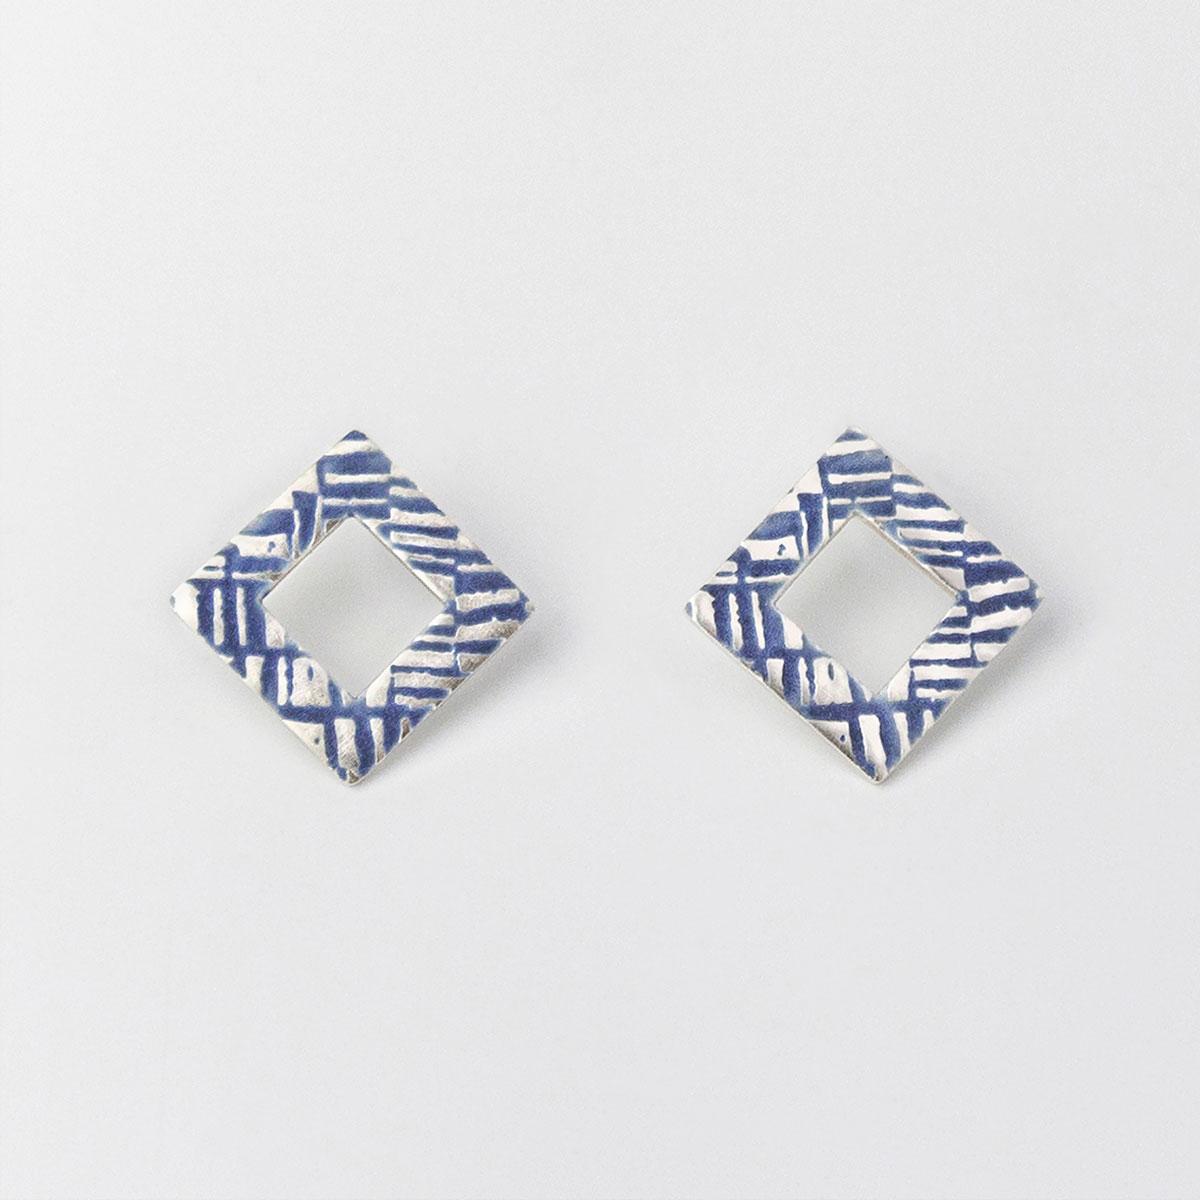 'Weave' Blue-Grey Earrings, Medium